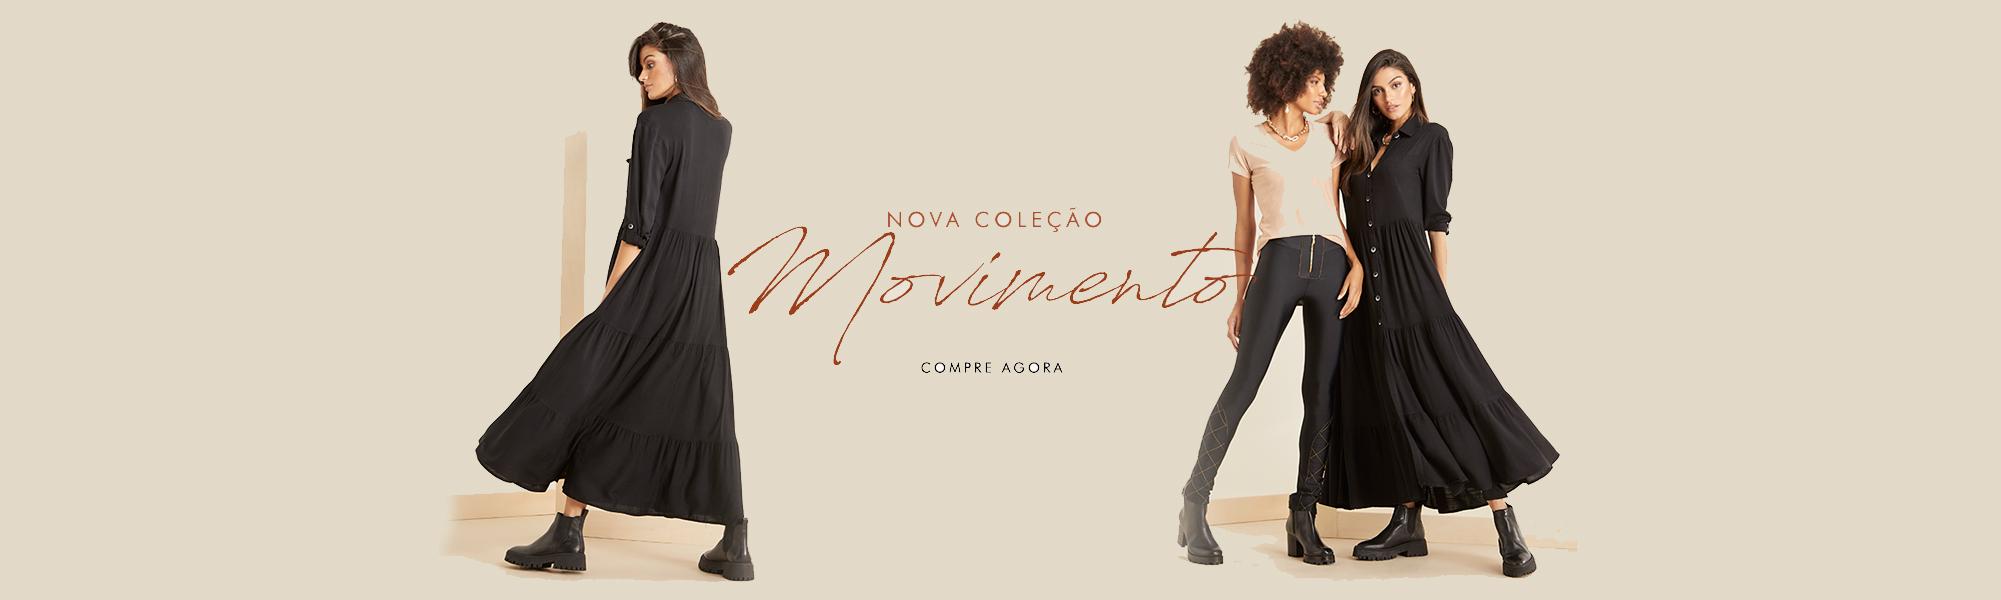 Coleção Movimento